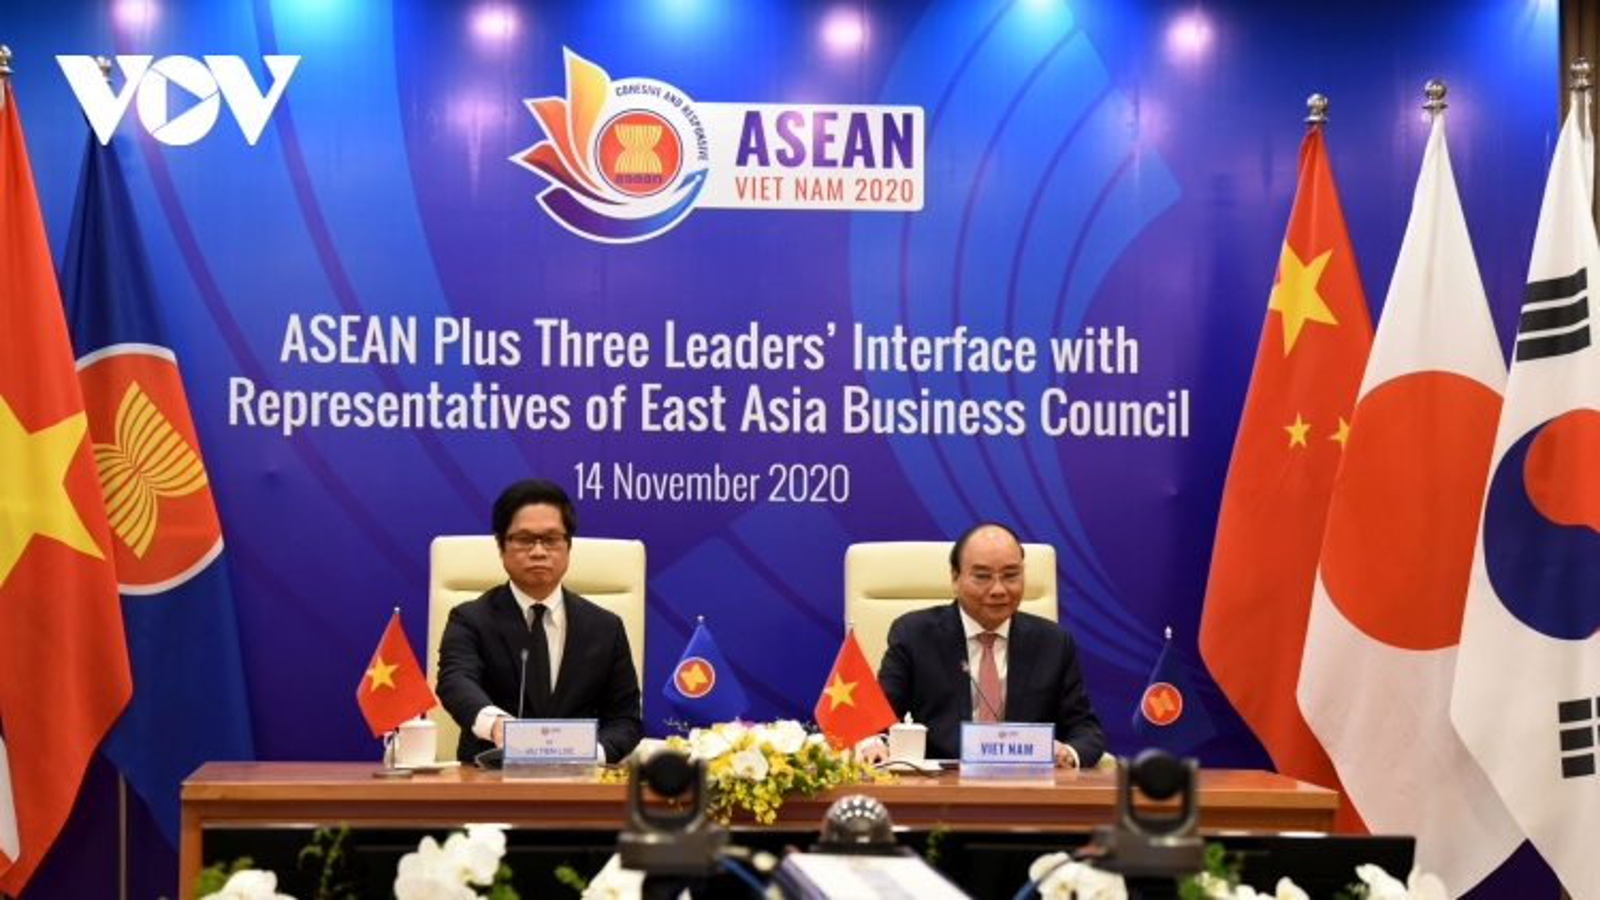 Hội đồng Doanh nghiệp Đông Á có nhiều khuyến nghị hữu ích với ASEAN+3